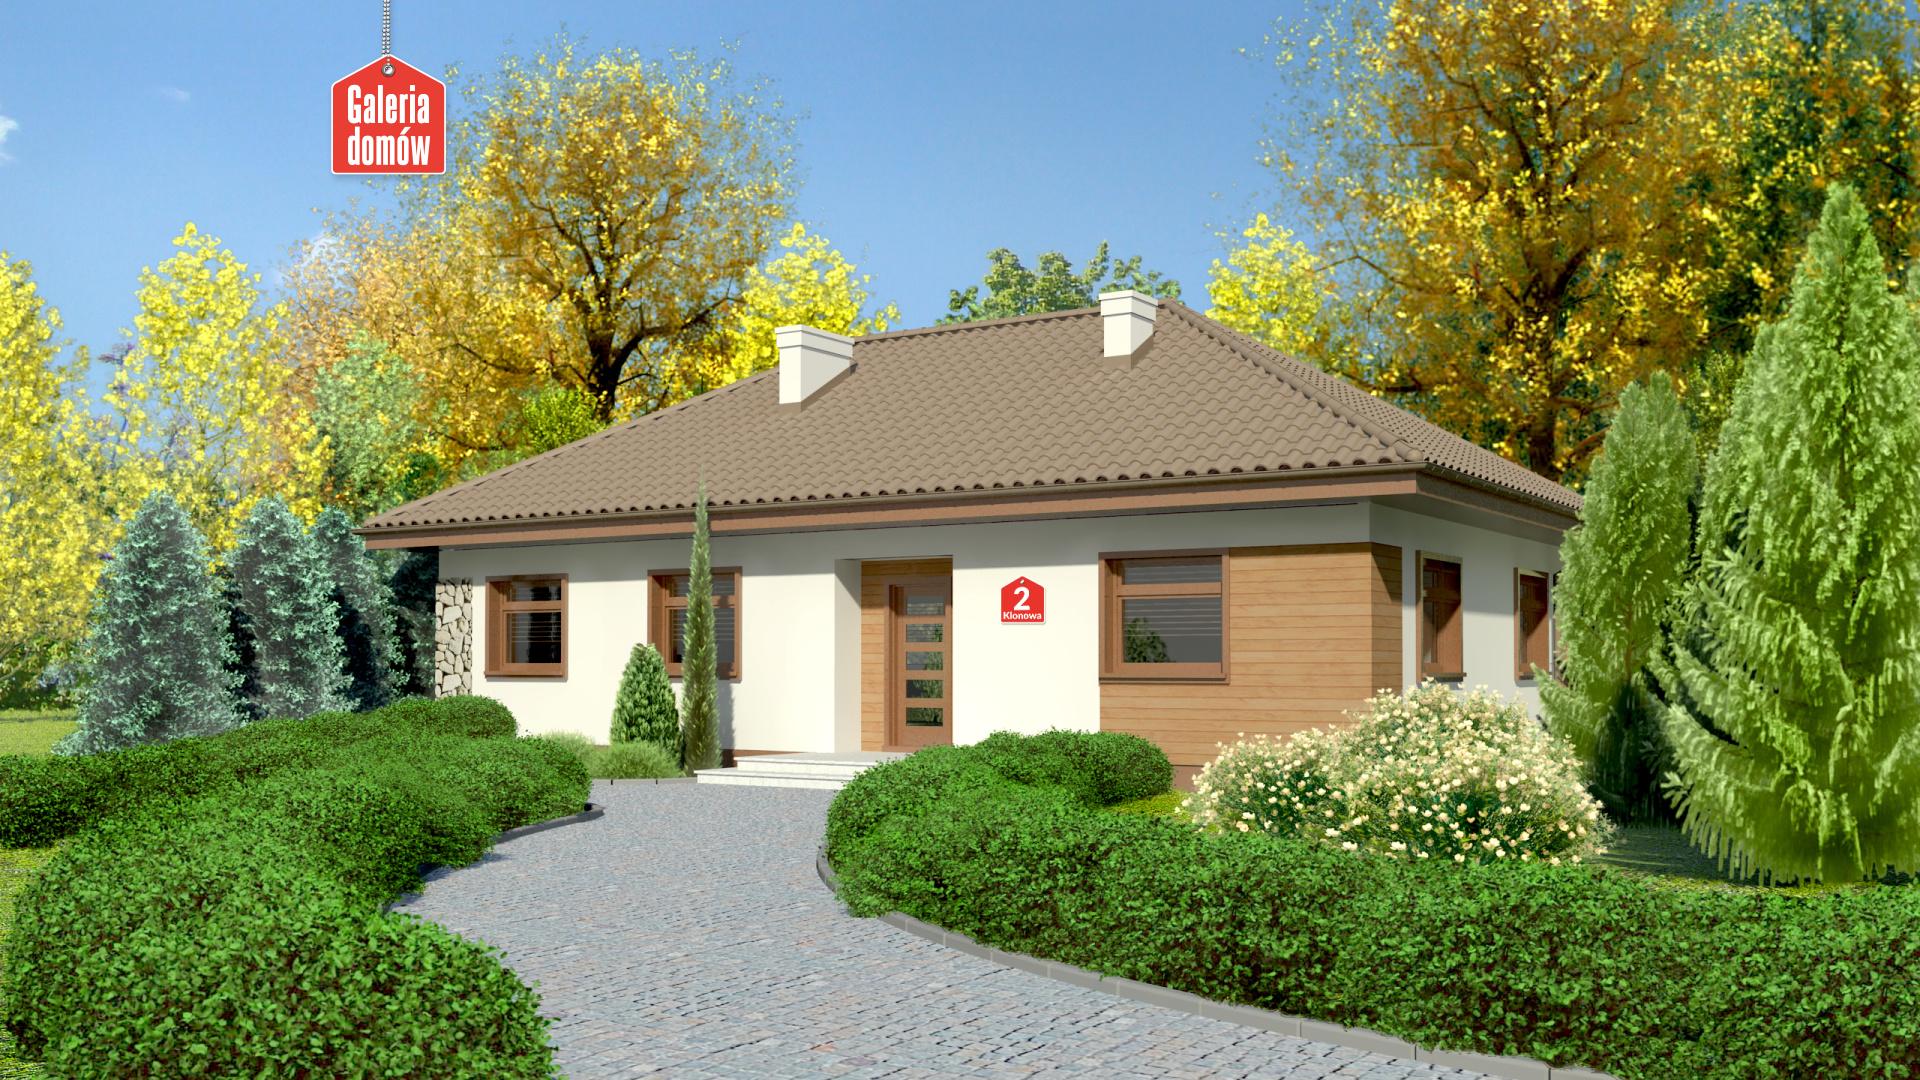 Zdjęcie projektu i wizualizacja: projekt domu Dom przy Klonowej 2